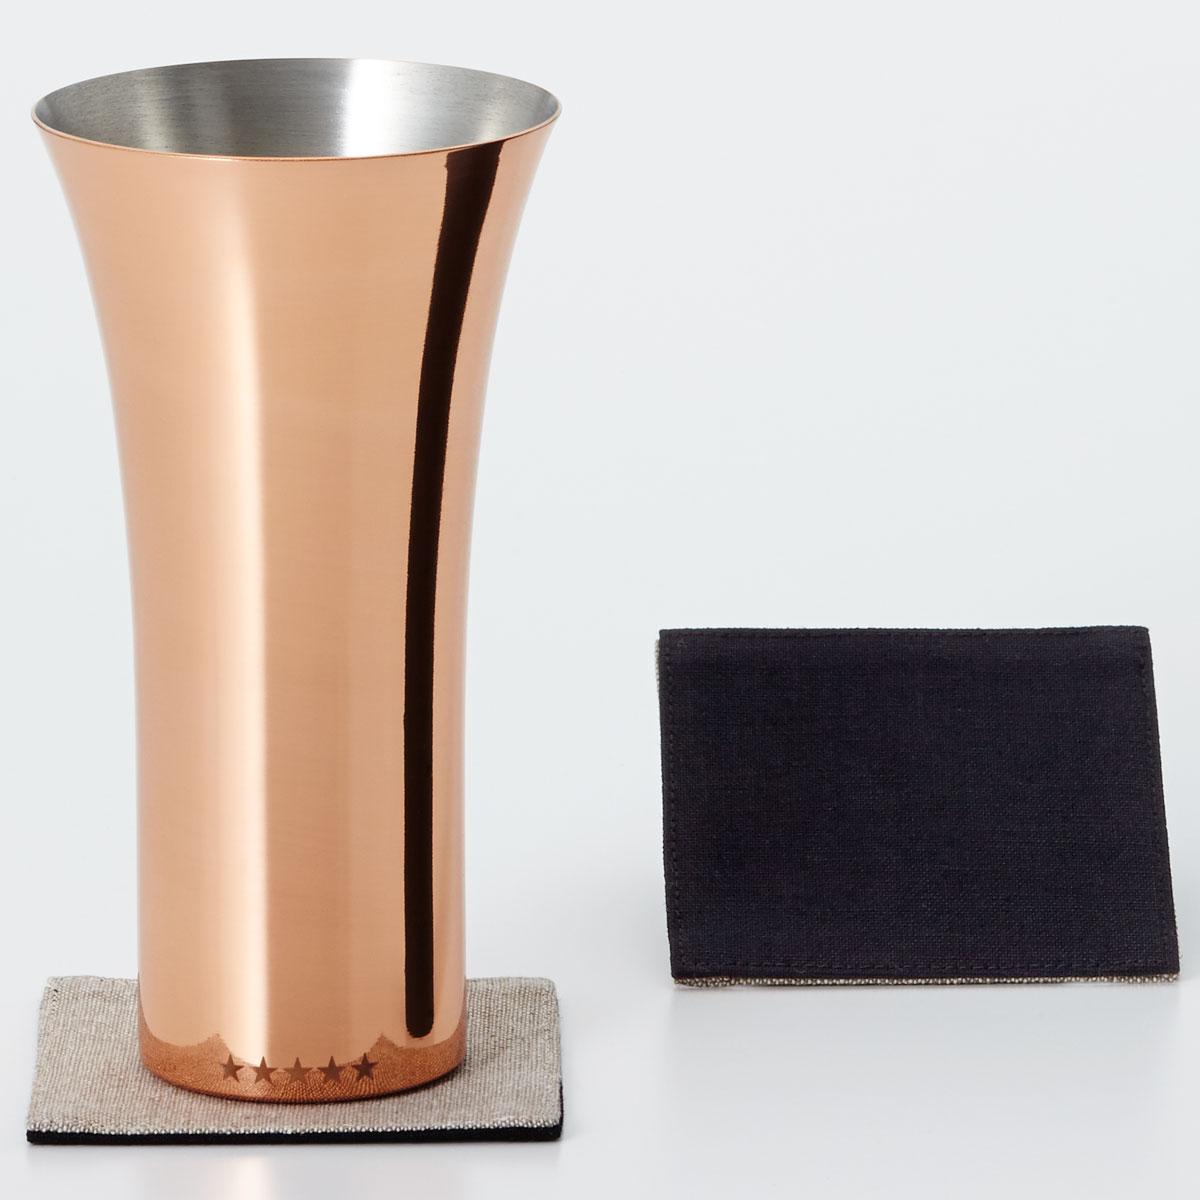 タンブラー WDH 純銅製タンブラー 380ml 銅製品 ダブリューディーエイチ ビールグラス ミラー